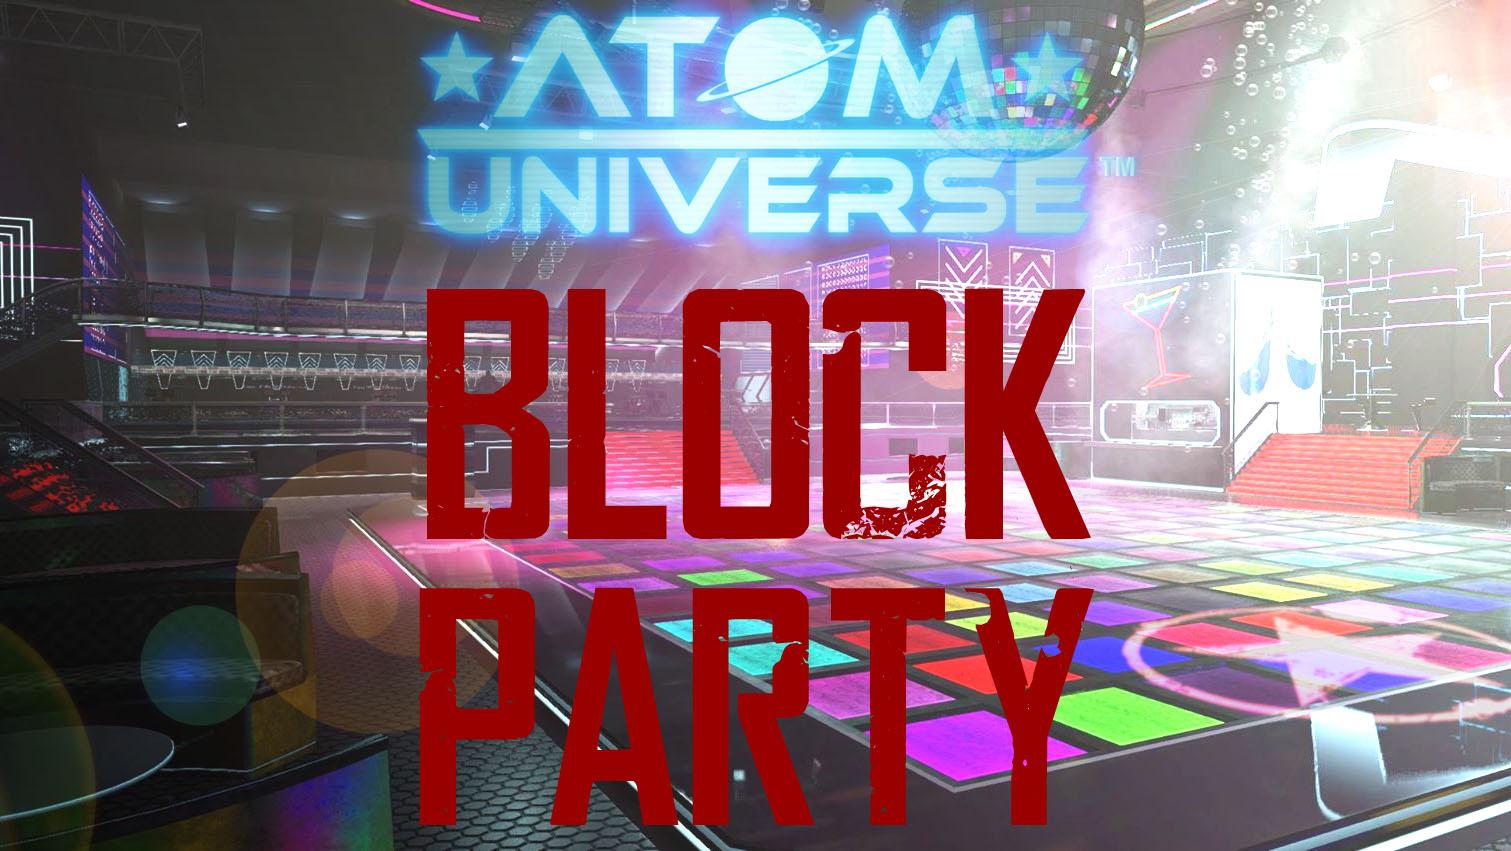 Novedades e Información en Atom Universe ATOM%2BuNIVERSE%2BbLOCK%2BpARTY